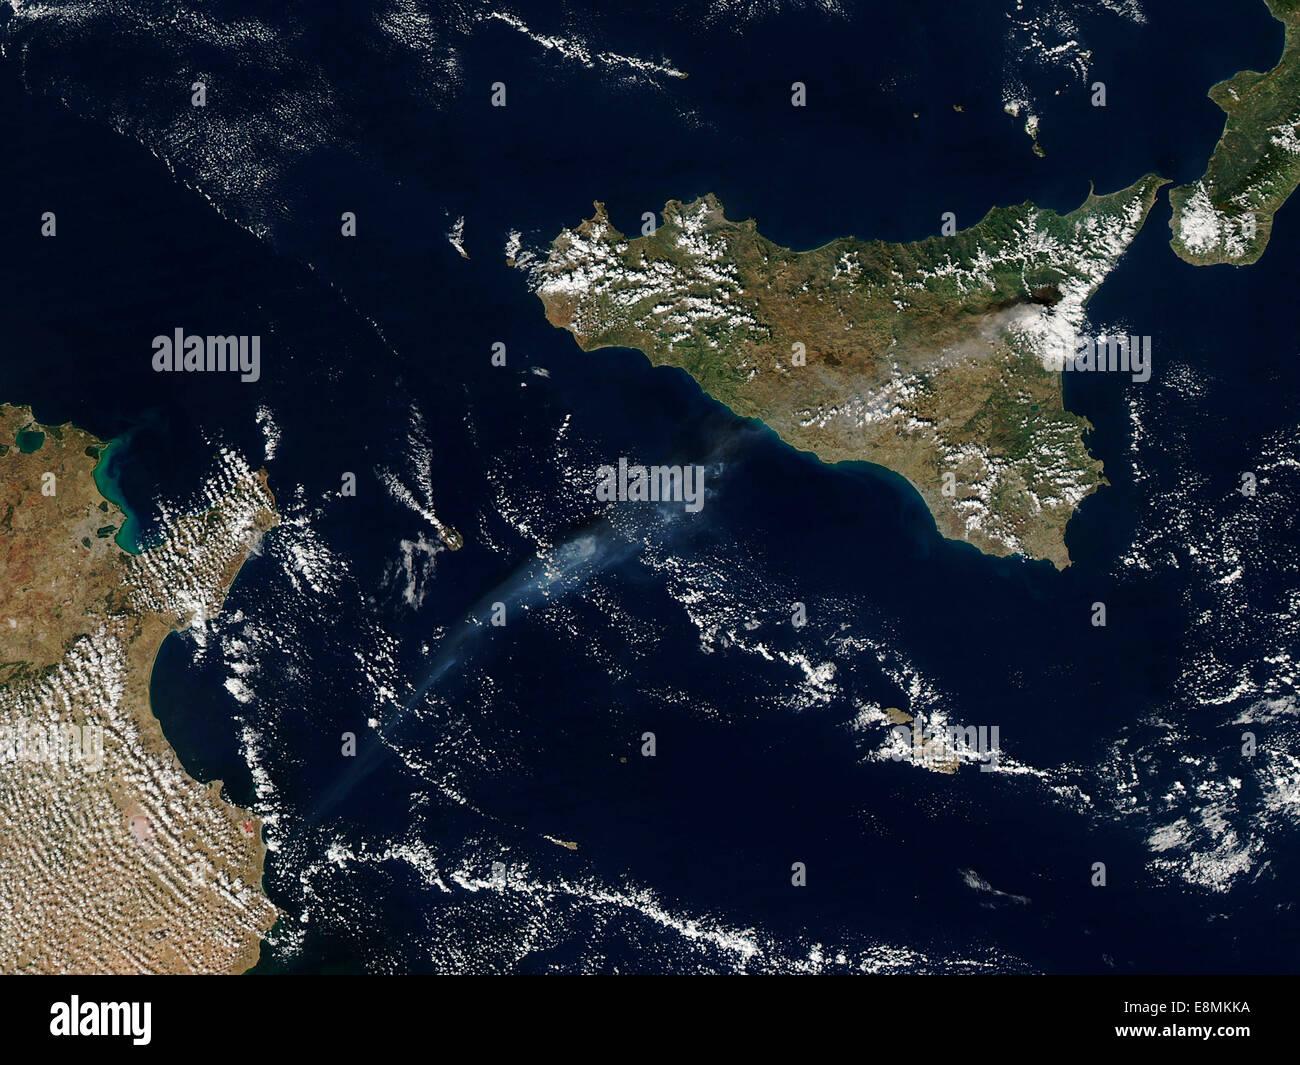 Le 26 octobre 2013 - Plume de Mt. L'Etna en Sicile. Photo Stock